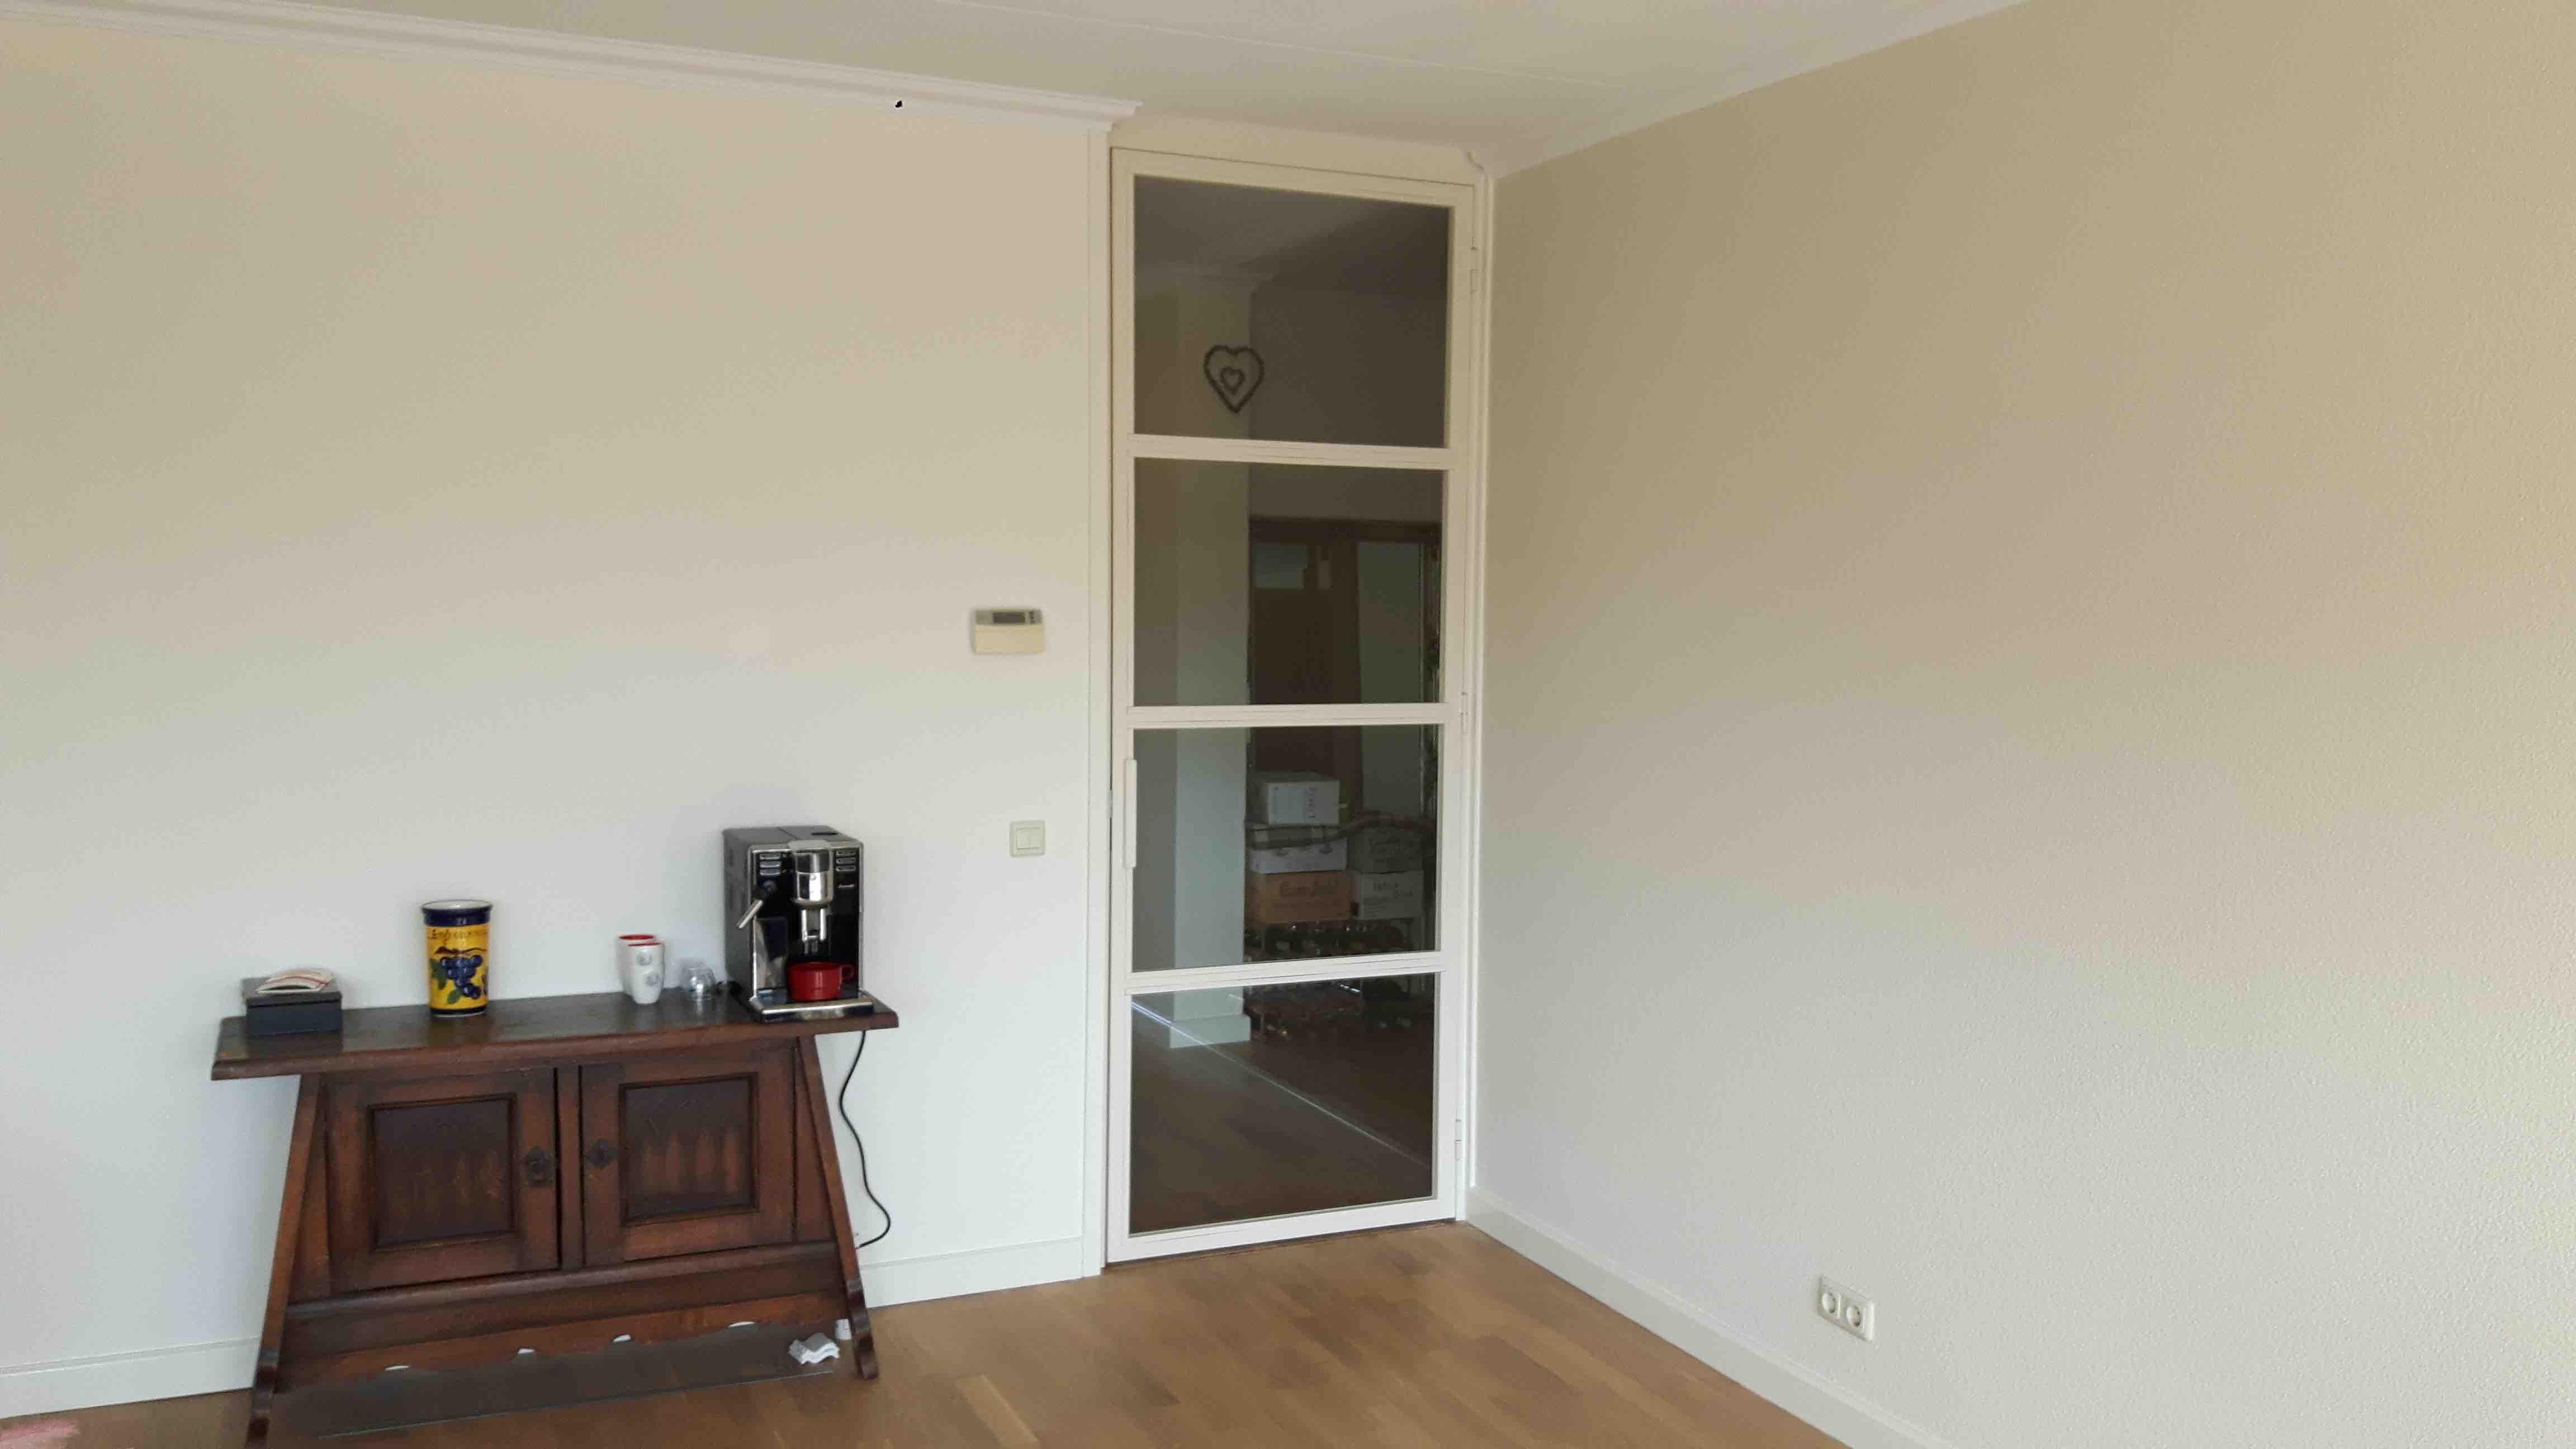 Witte stalen deur (RAL 9001) met een 4 vlakken verdeling - Mijn Stalen Deur